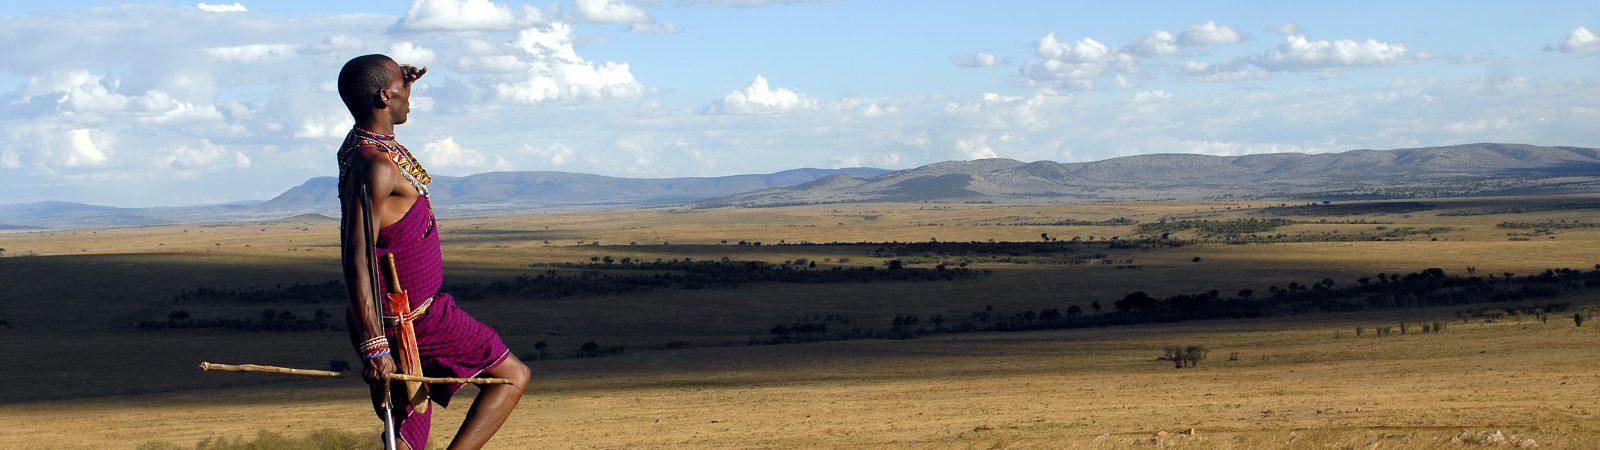 Kenya_MaasaiMara